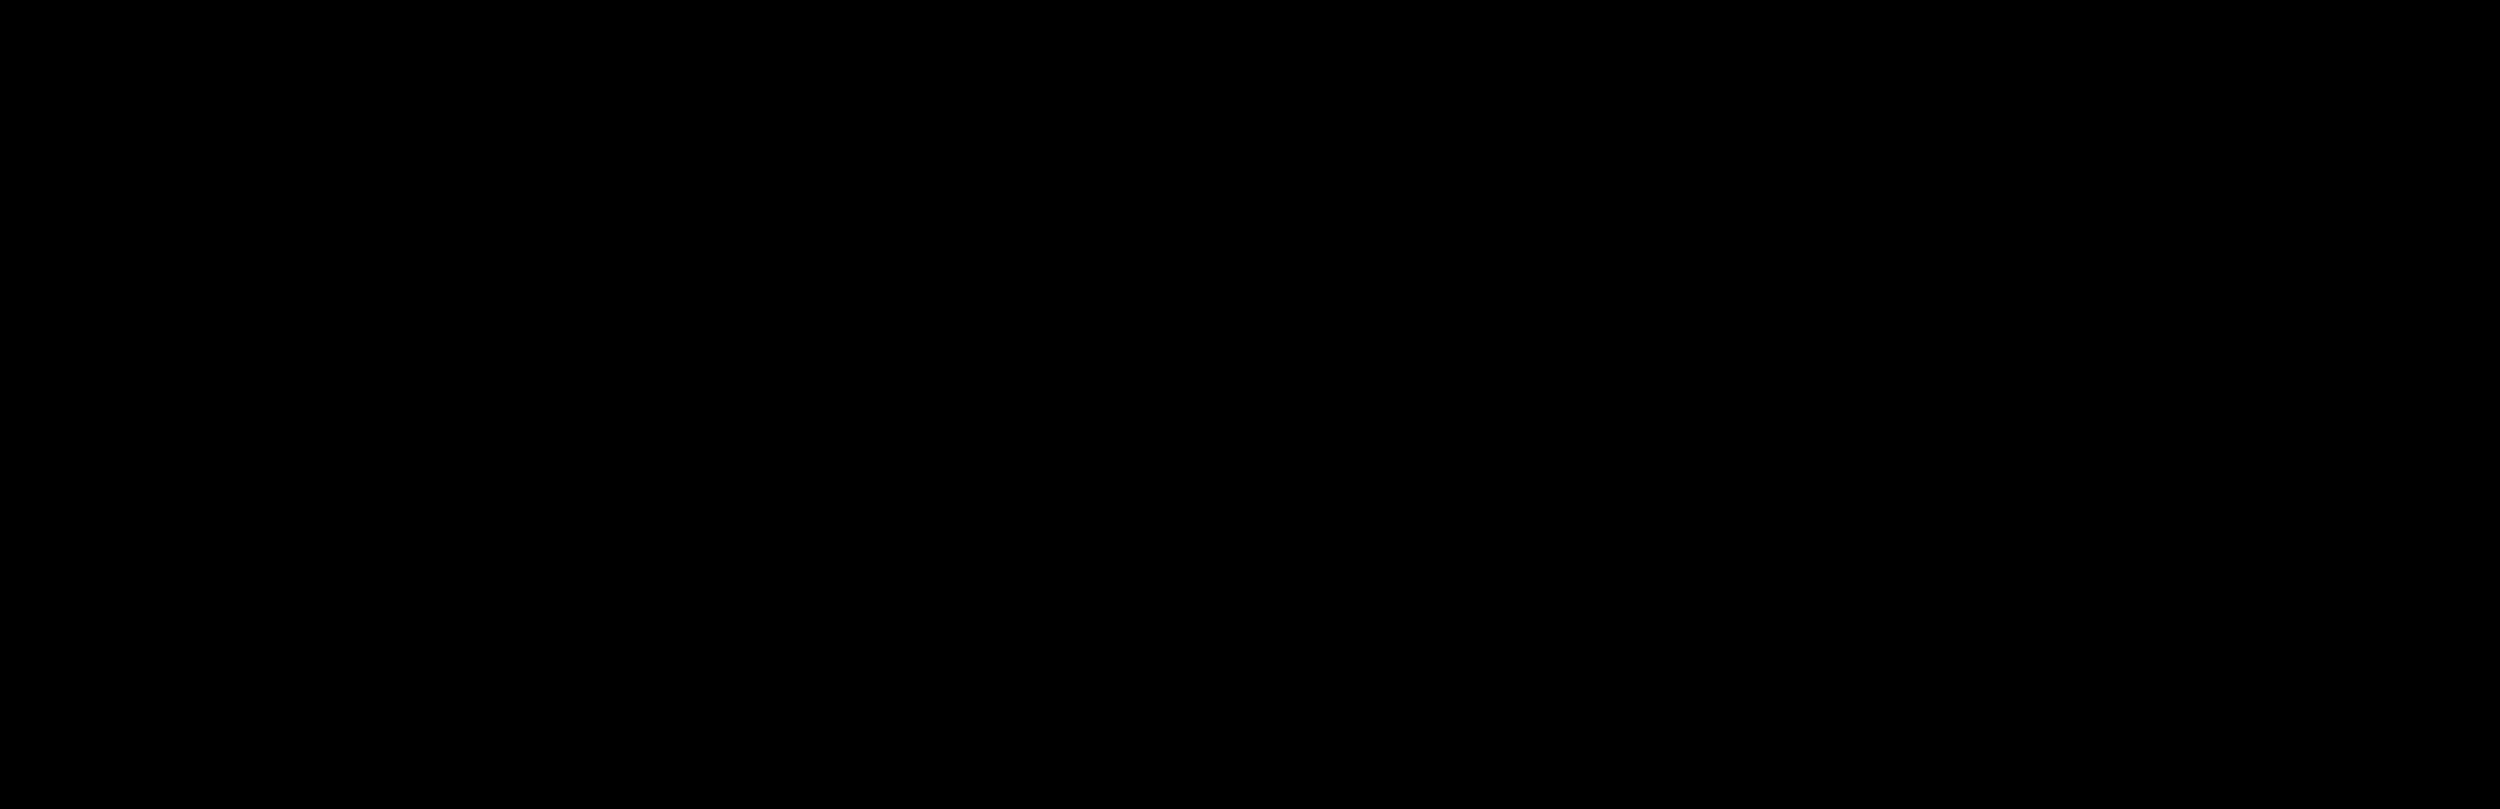 MissionFINAL-LHCC_7-19_black.png